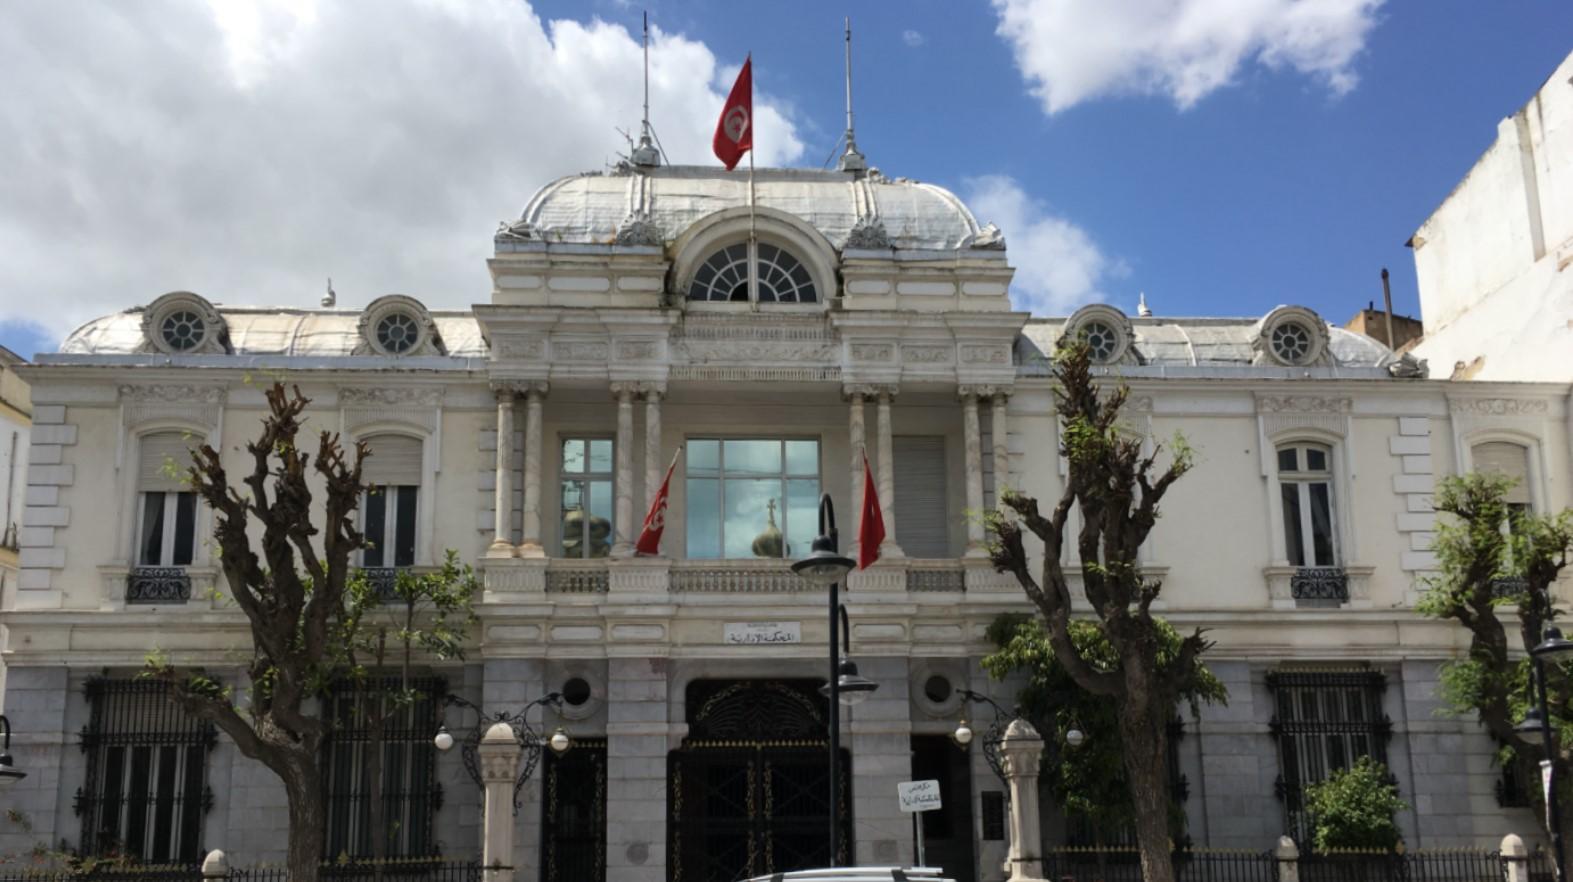 جلسة استماع نيابية للمحكمة الإدارية في تونس: أسئلة حول بطء الأداء القضائي ووعود بالمعالجة